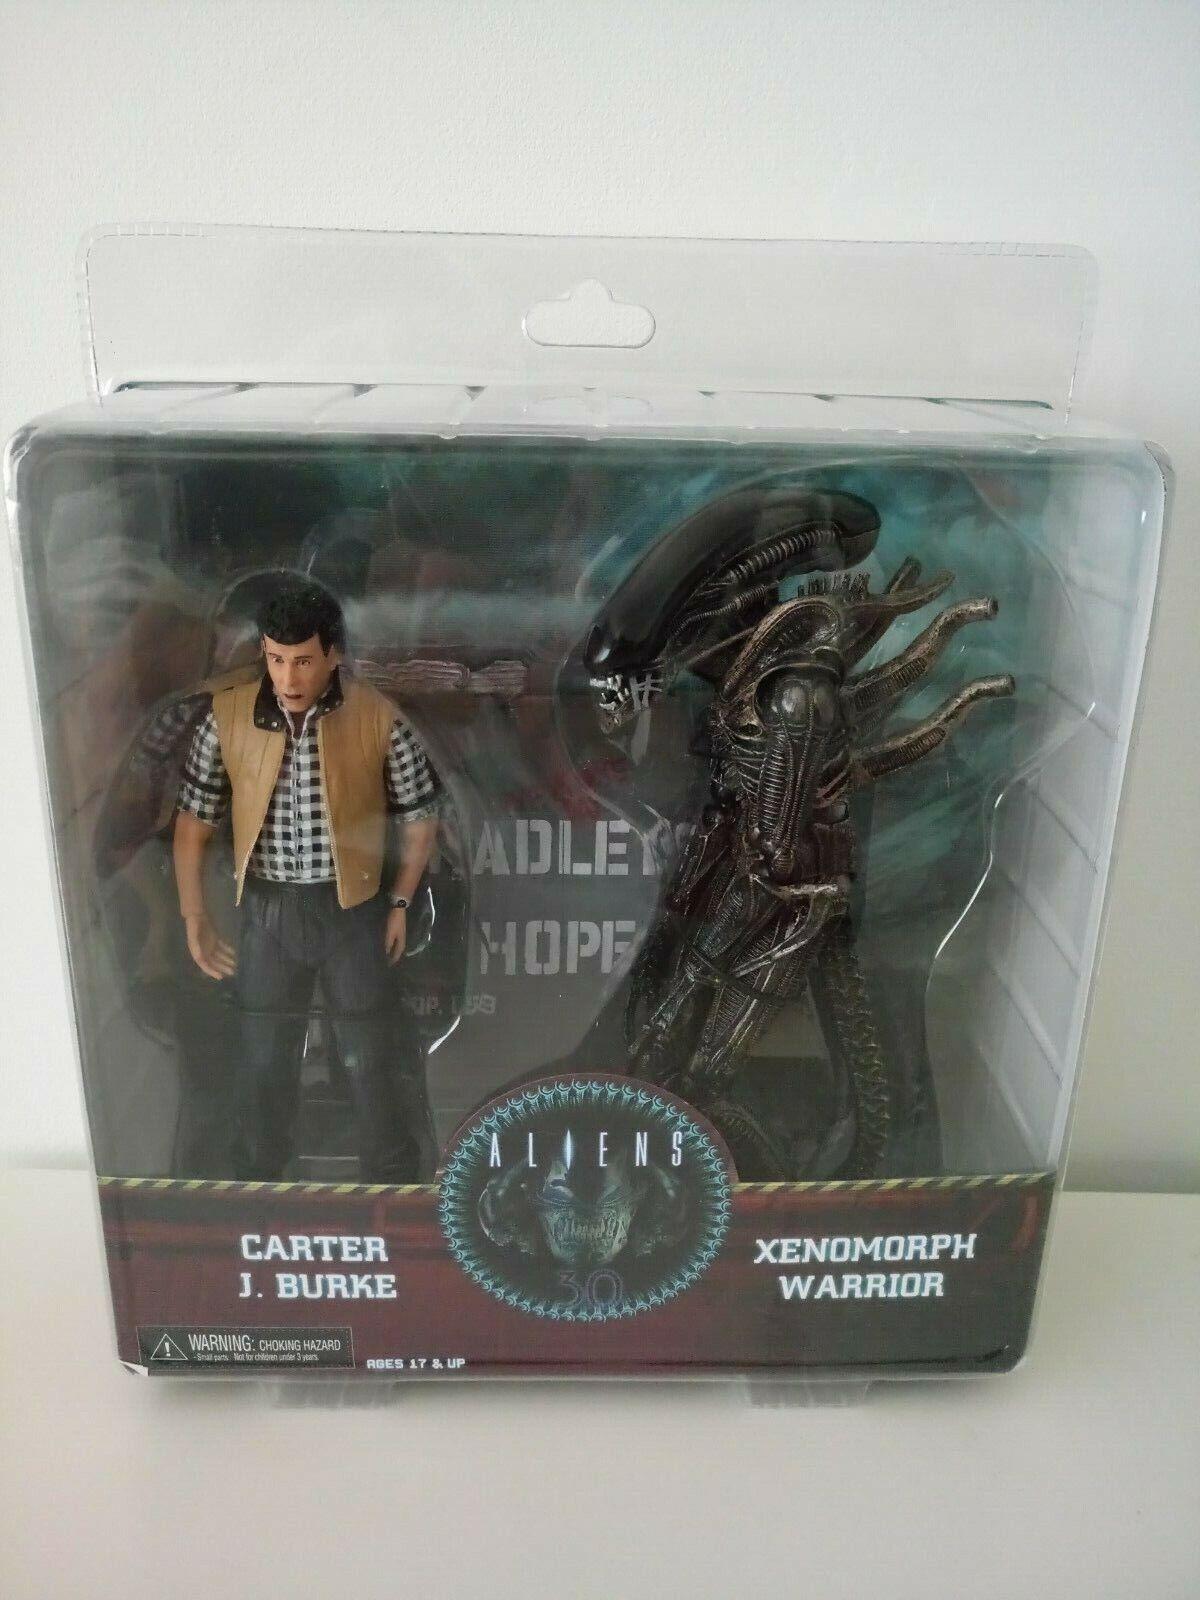 Neca alieni autoTER J. Burke & Xenomorph  Warrior 30th Anniversario cifra  servizio onesto